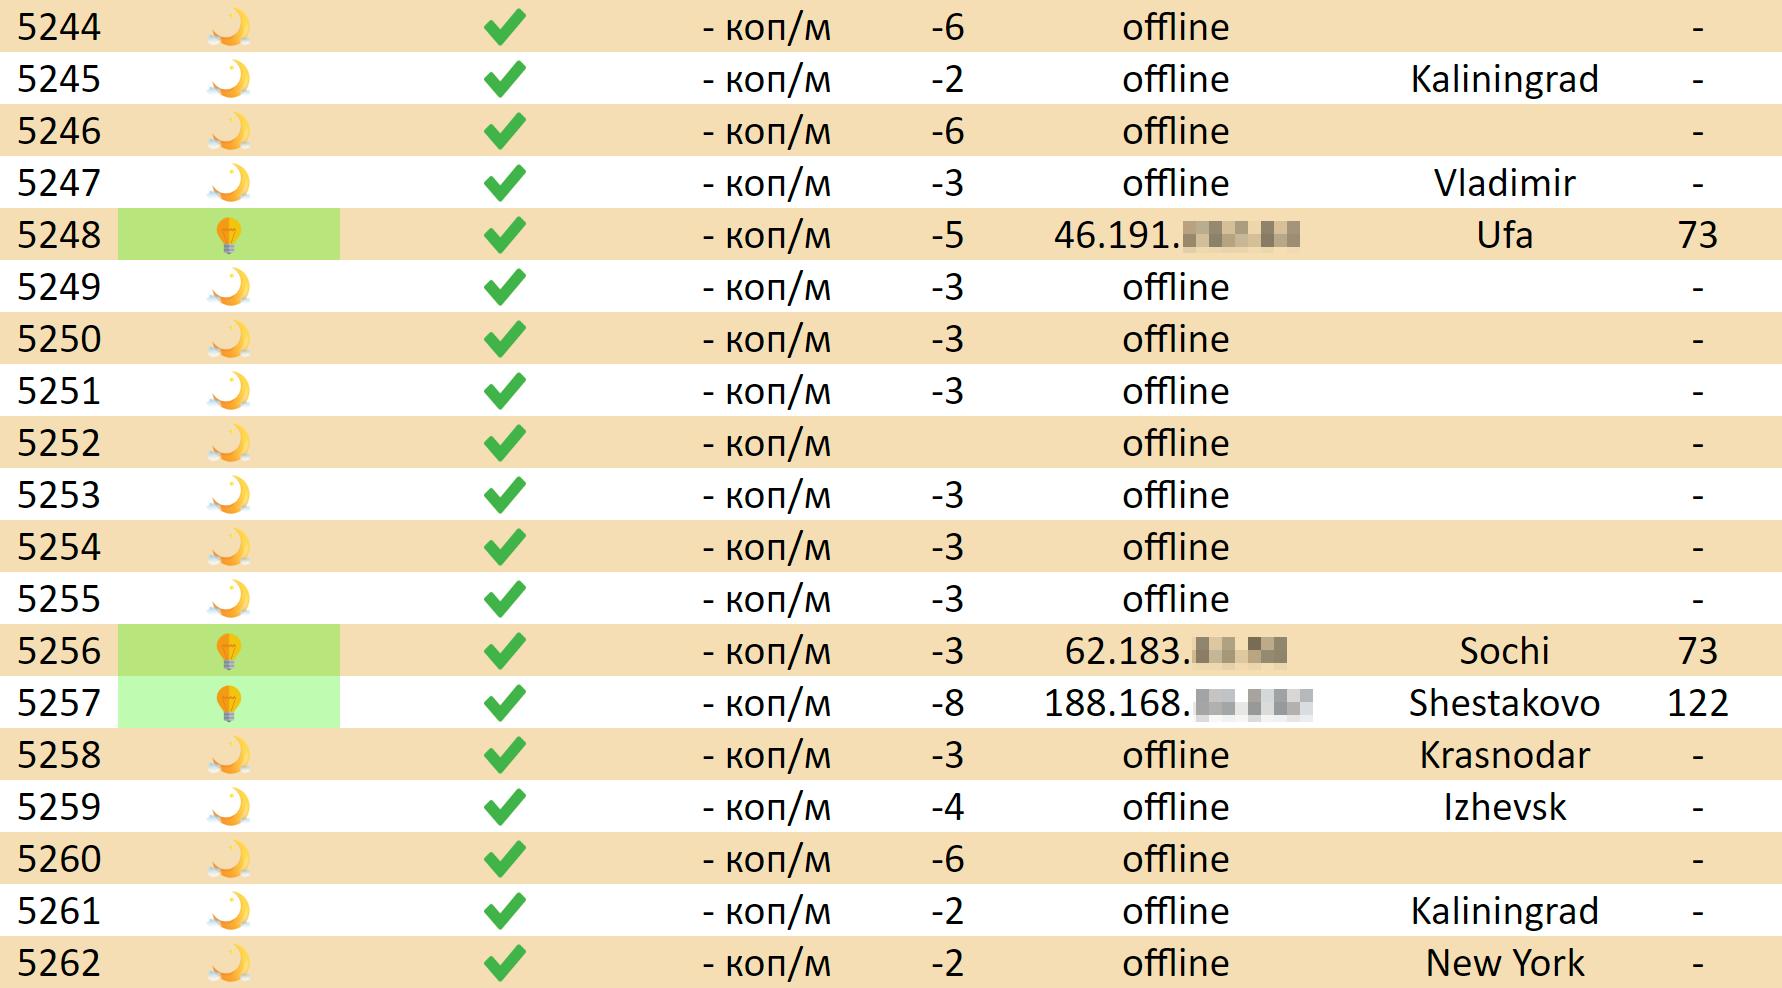 Через исходный код расширения янашел адрес сервера, который собирает все данные. Поэтомуже адресу работает панель управления сосписком компьютеров, накоторых, повсей видимости, иустановлено расширение